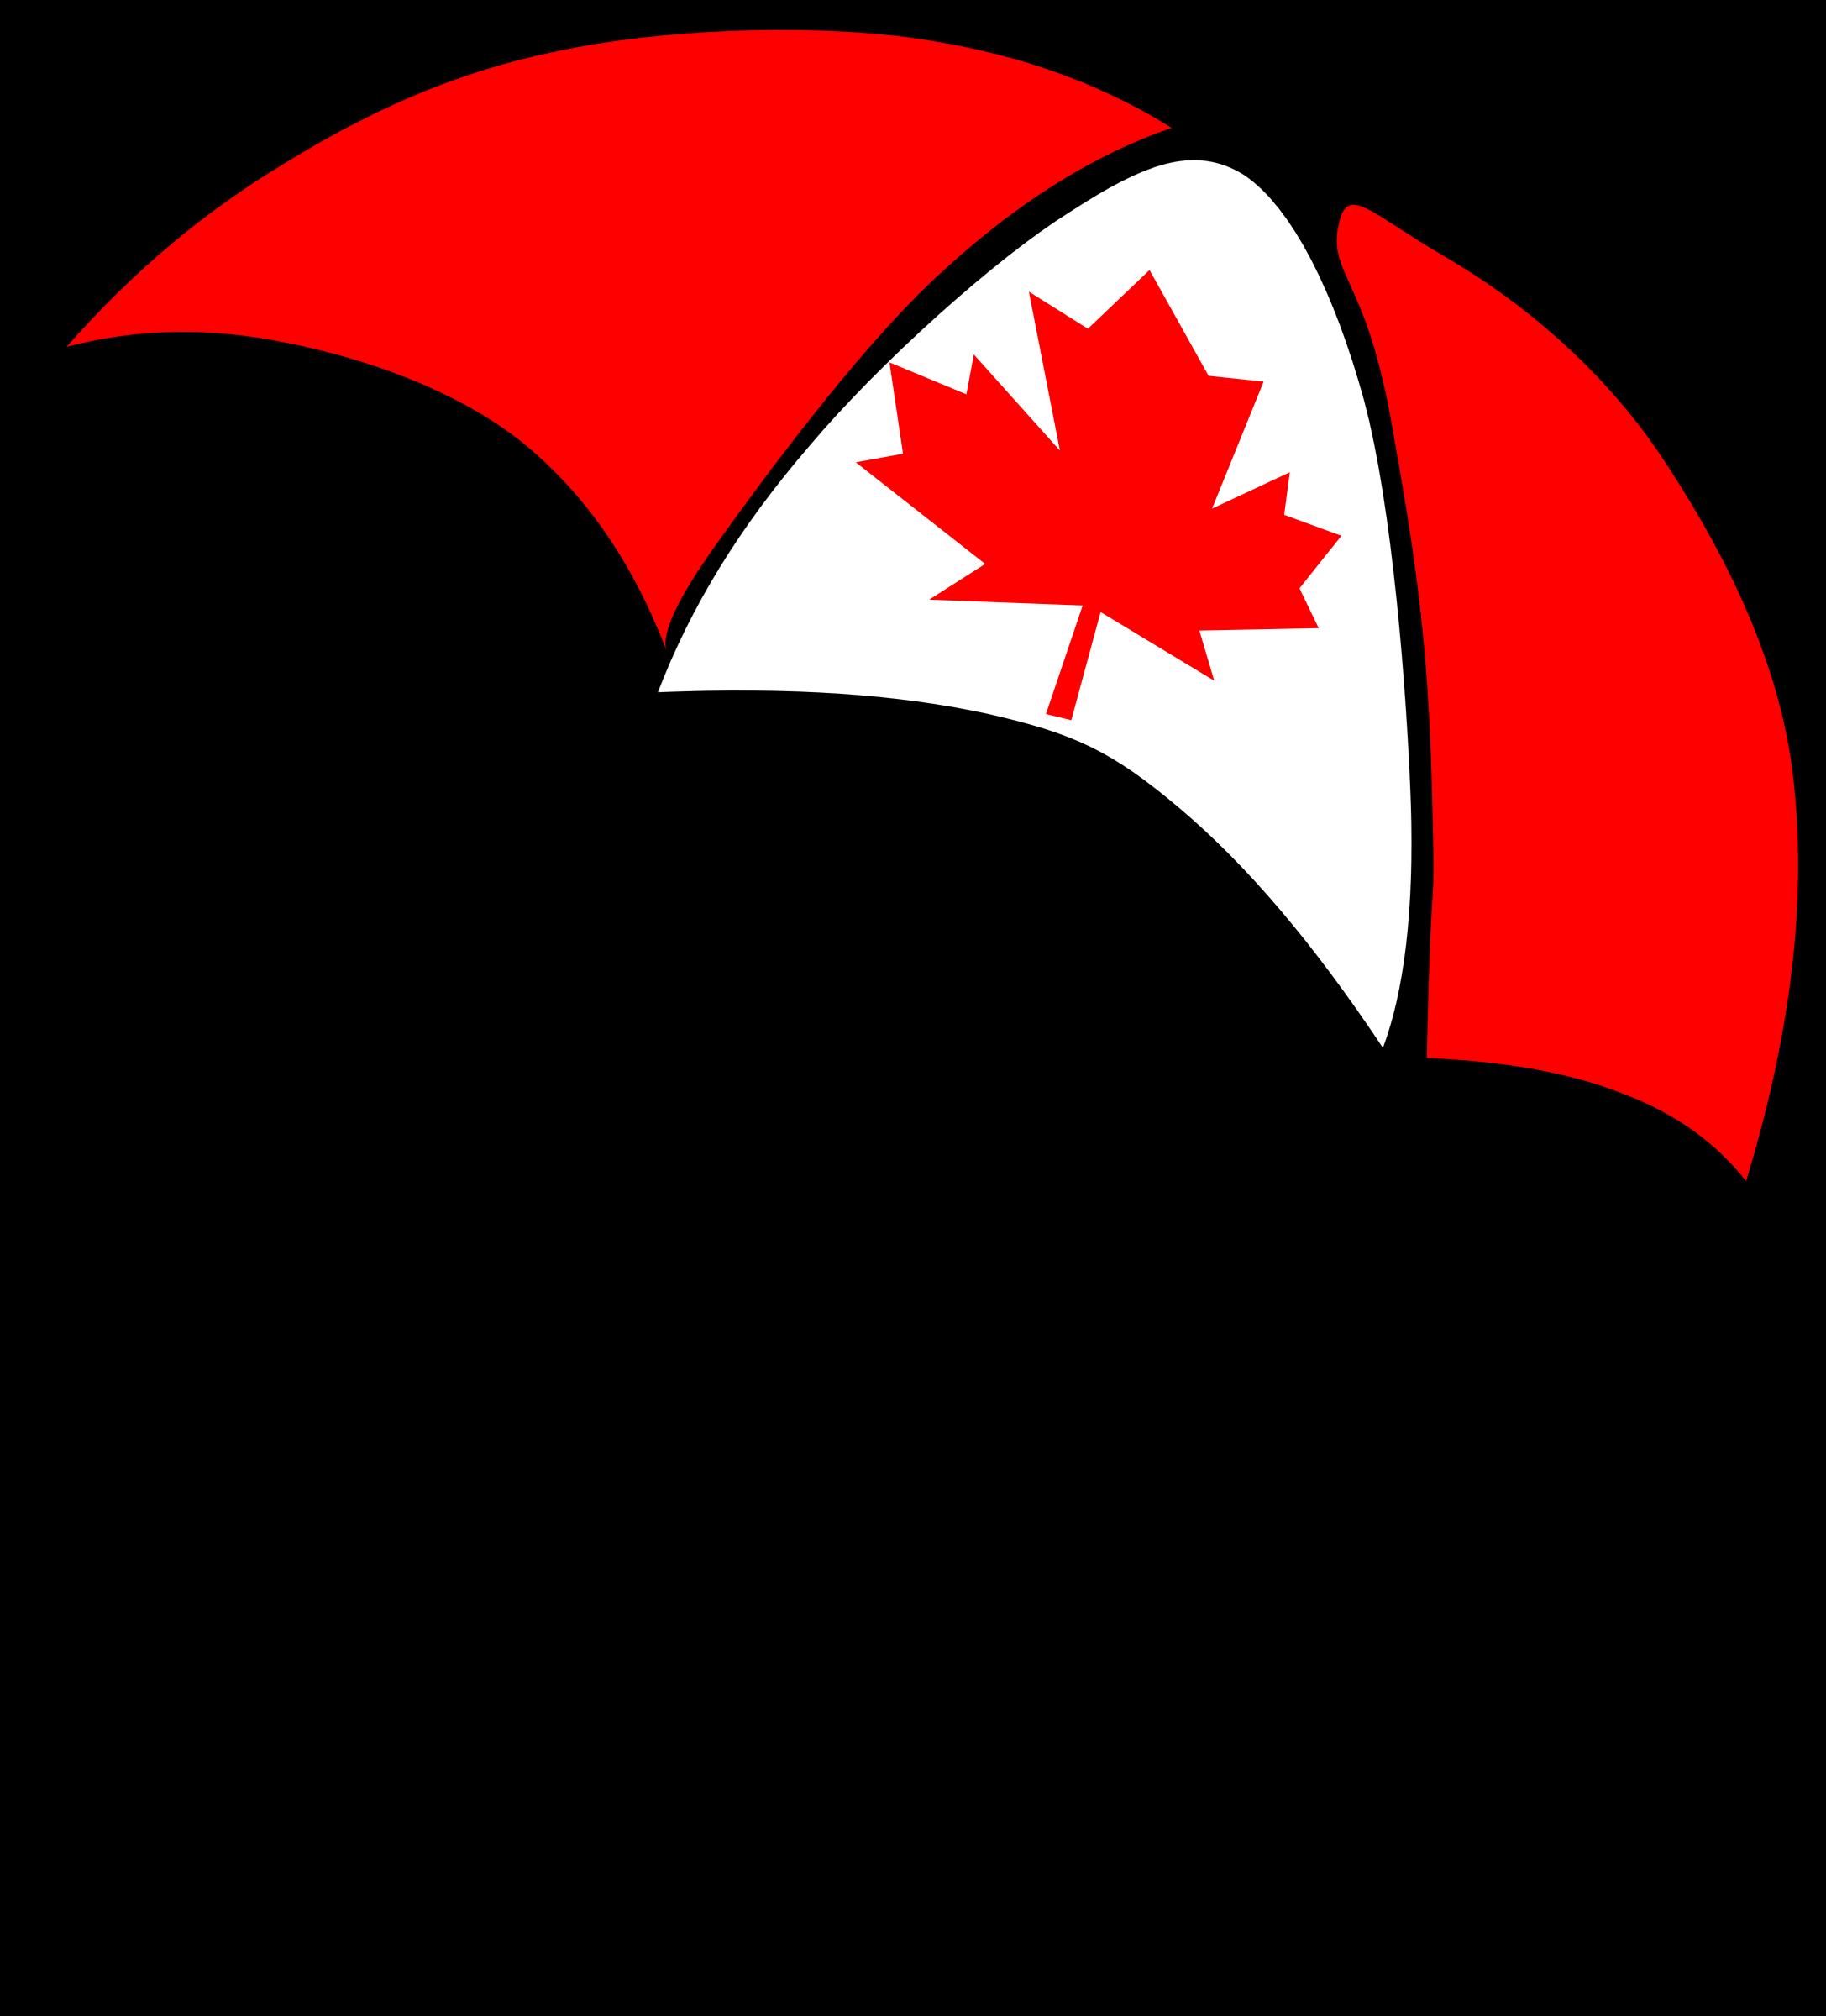 Canada big image png. Clipart umbrella pdf